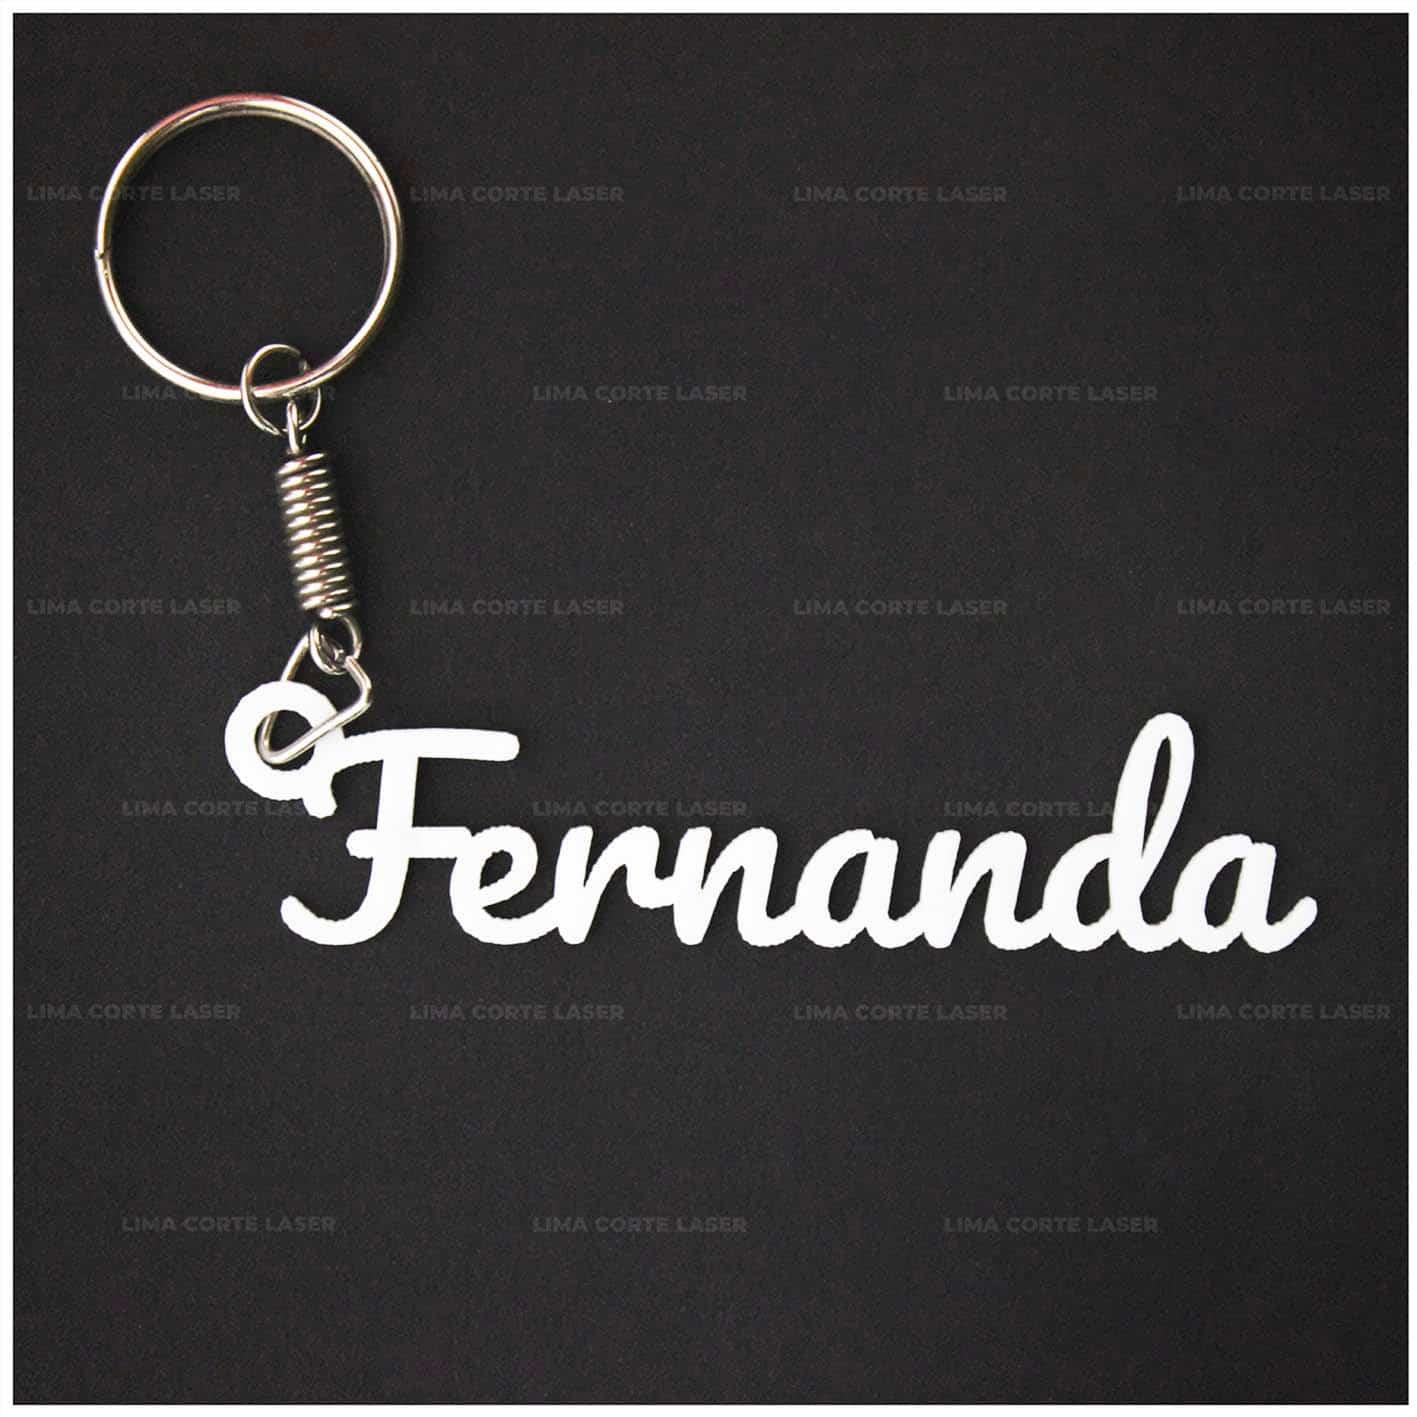 Corte láser acrílico con forma de llavero personalizado con nombre Fernanda